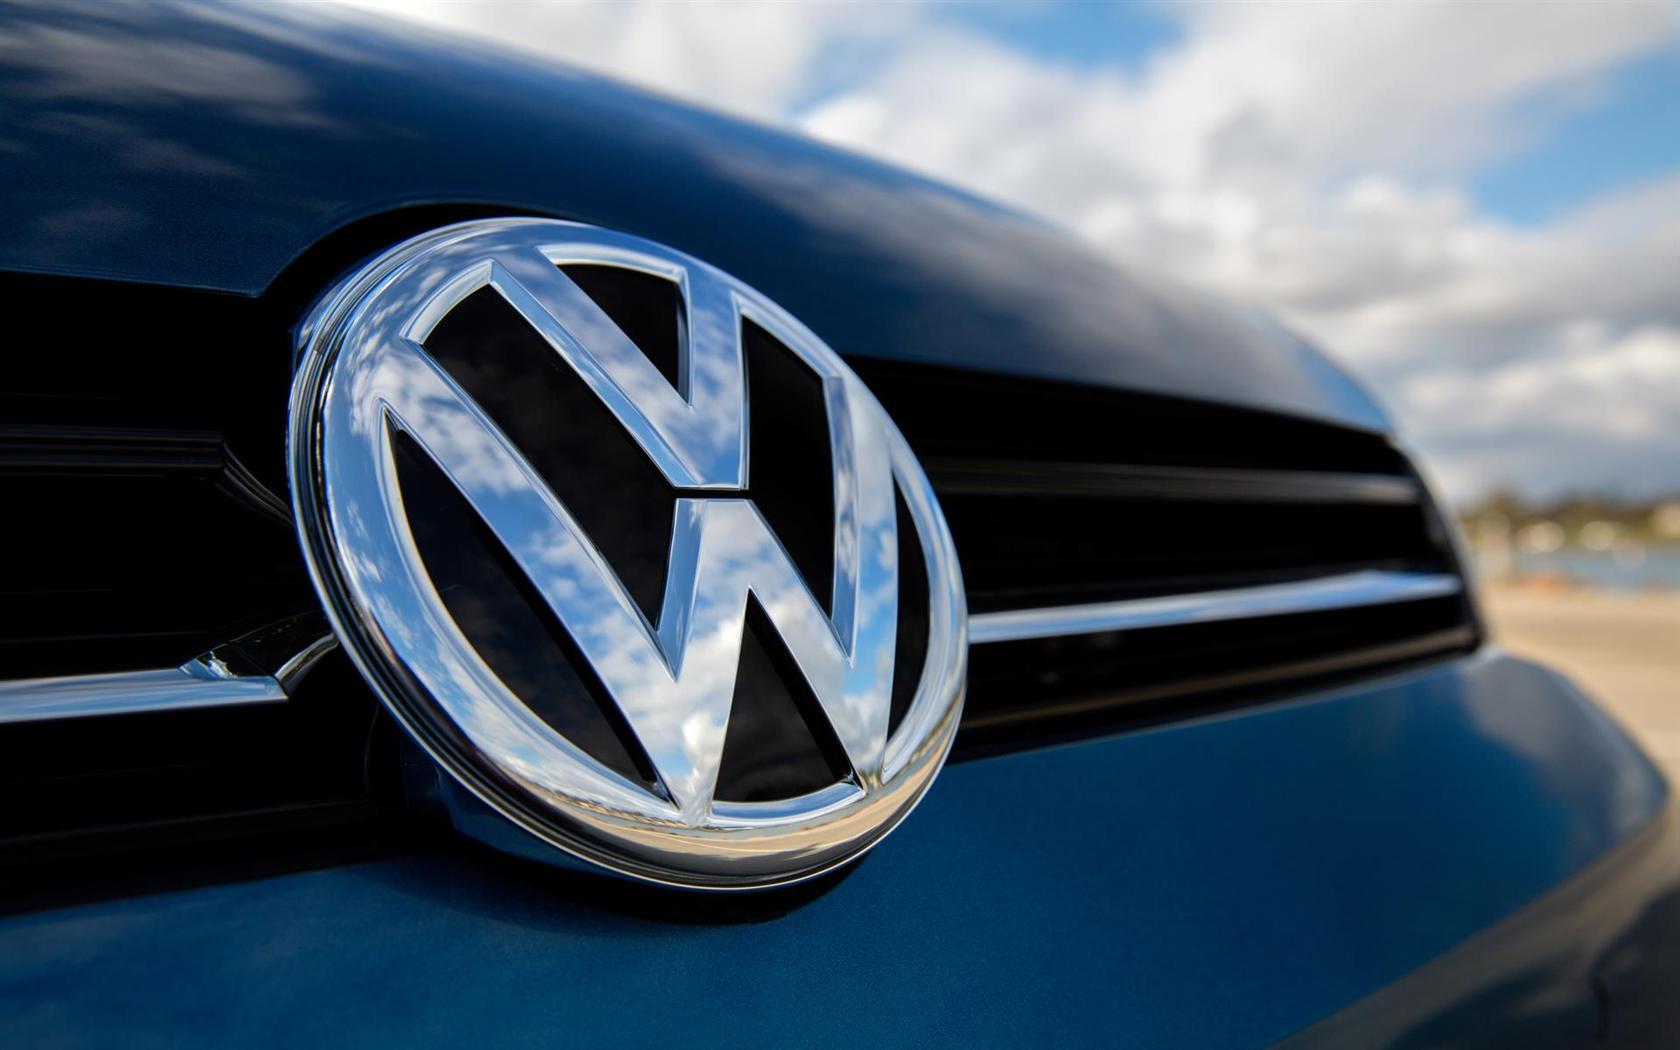 Как и у кого выгодно приобрести Volkswagen в Беларуси?-Volkswagen-Как и у кого выгодно приобрести Volkswagen в Беларуси?-o-markah-фото-2017